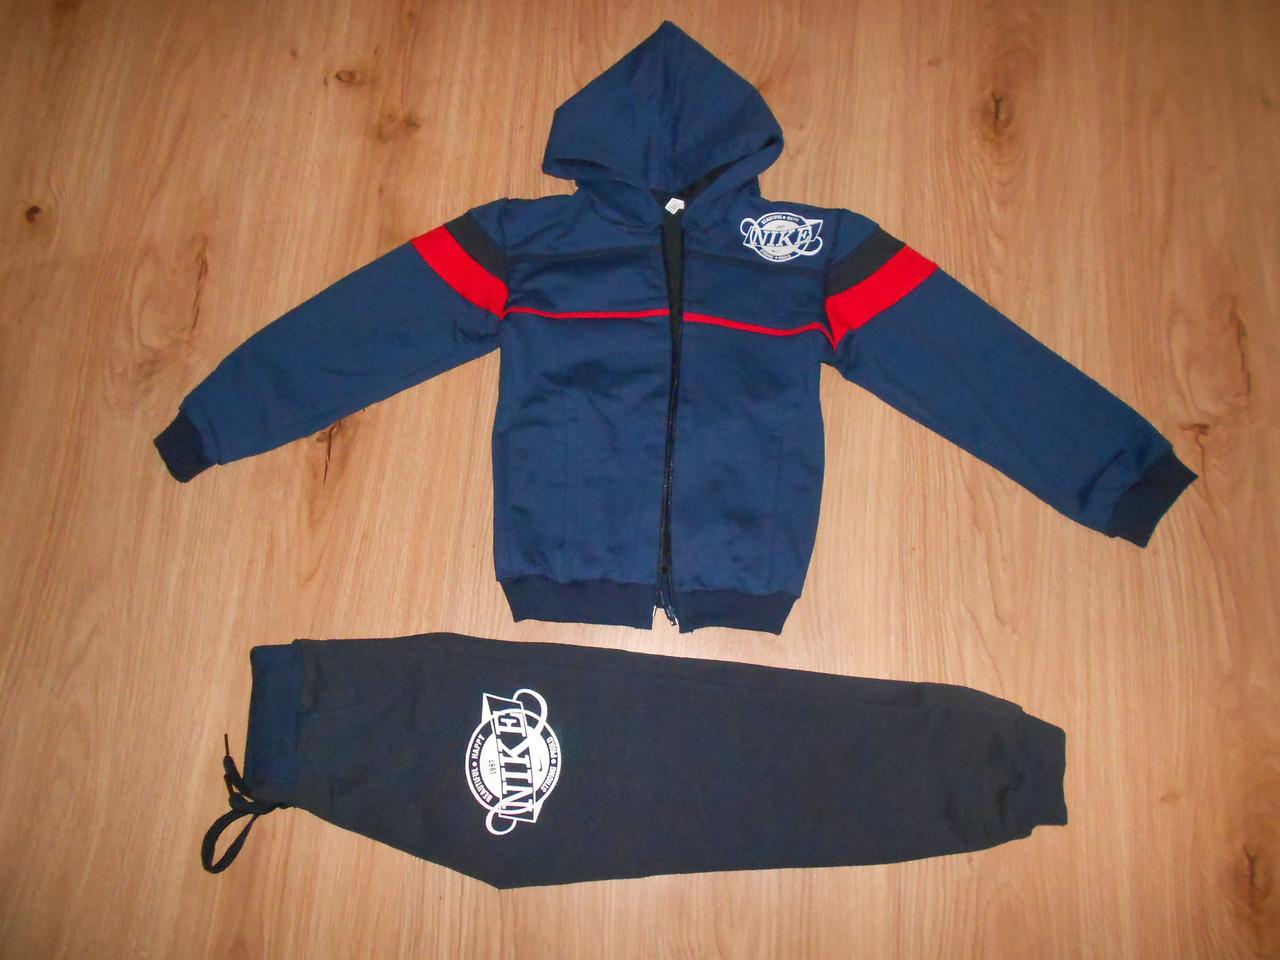 4bf356e2 Трикотажный спортивный костюм для мальчика 3-4-5 лет Nike - стиль и ...